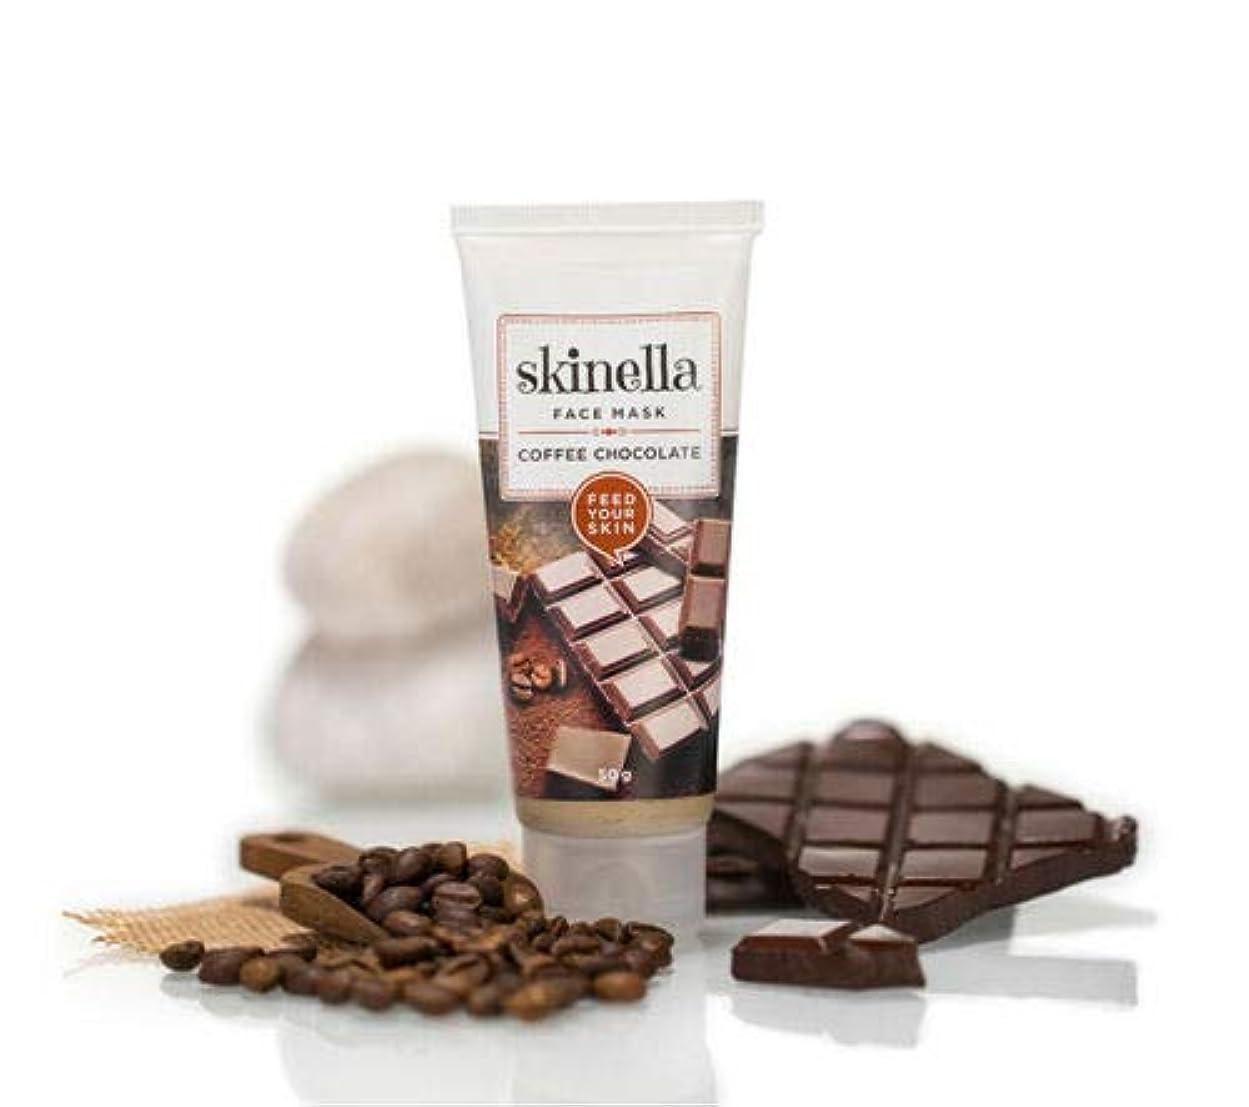 無し野生不一致Skinella Coffee Chocolate Face Mask 50g for a hydrated and rejuvenated look Skinellaコーヒーチョコレートフェイスマスク50g